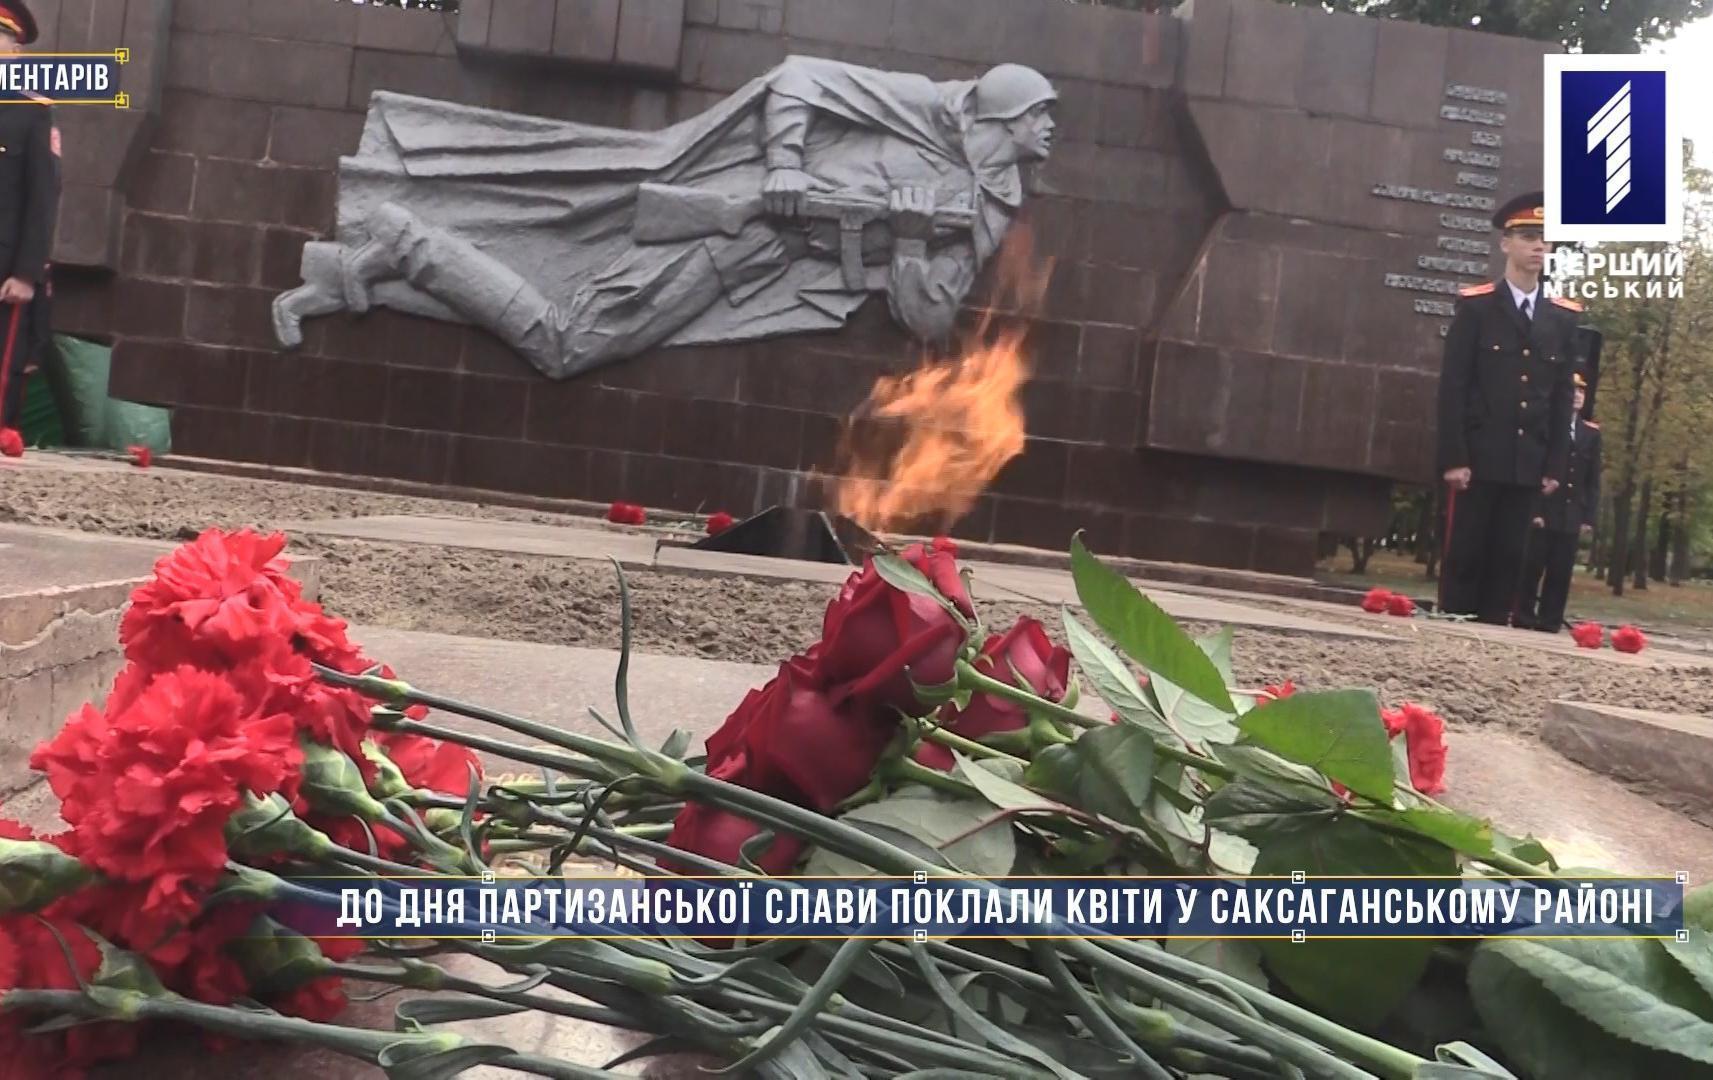 Без коментарів: мешканці Саксаганського району вшанували пам'ять підпільників Другої світової війни